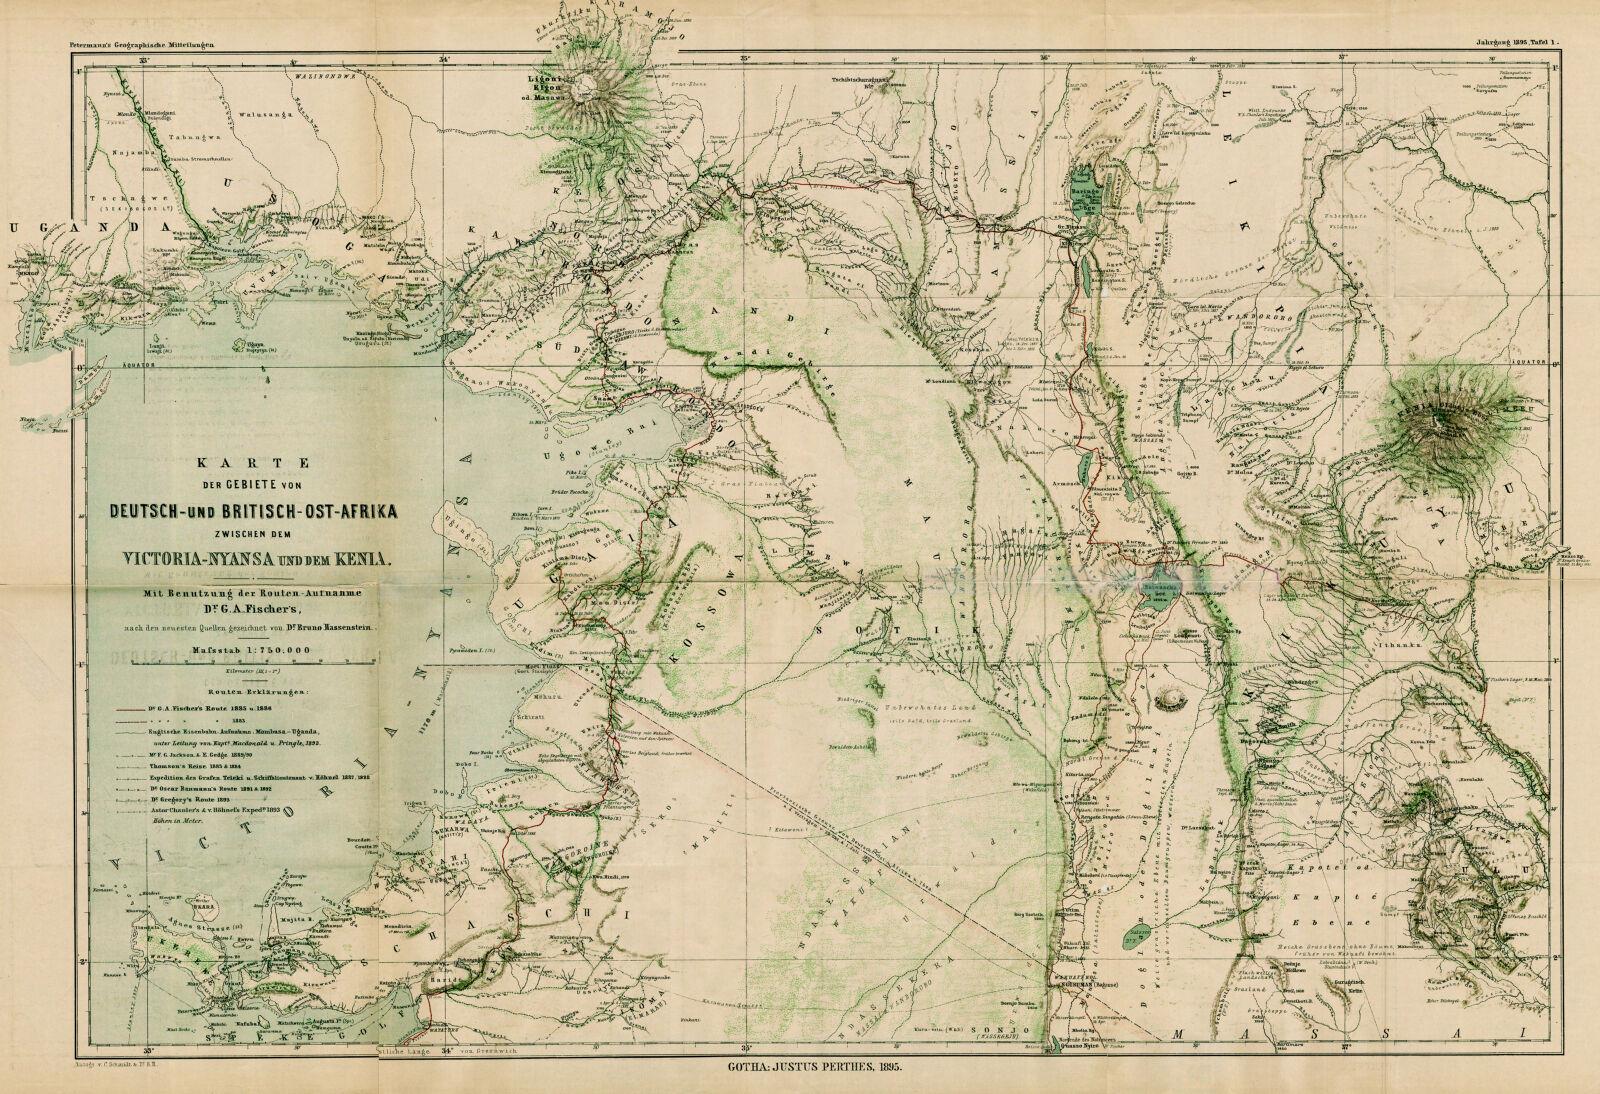 Afrika Karte Deutsch.Karte Der Gebiete Von Deutsch Und Britisch Ost Afrika Zwischen Dem